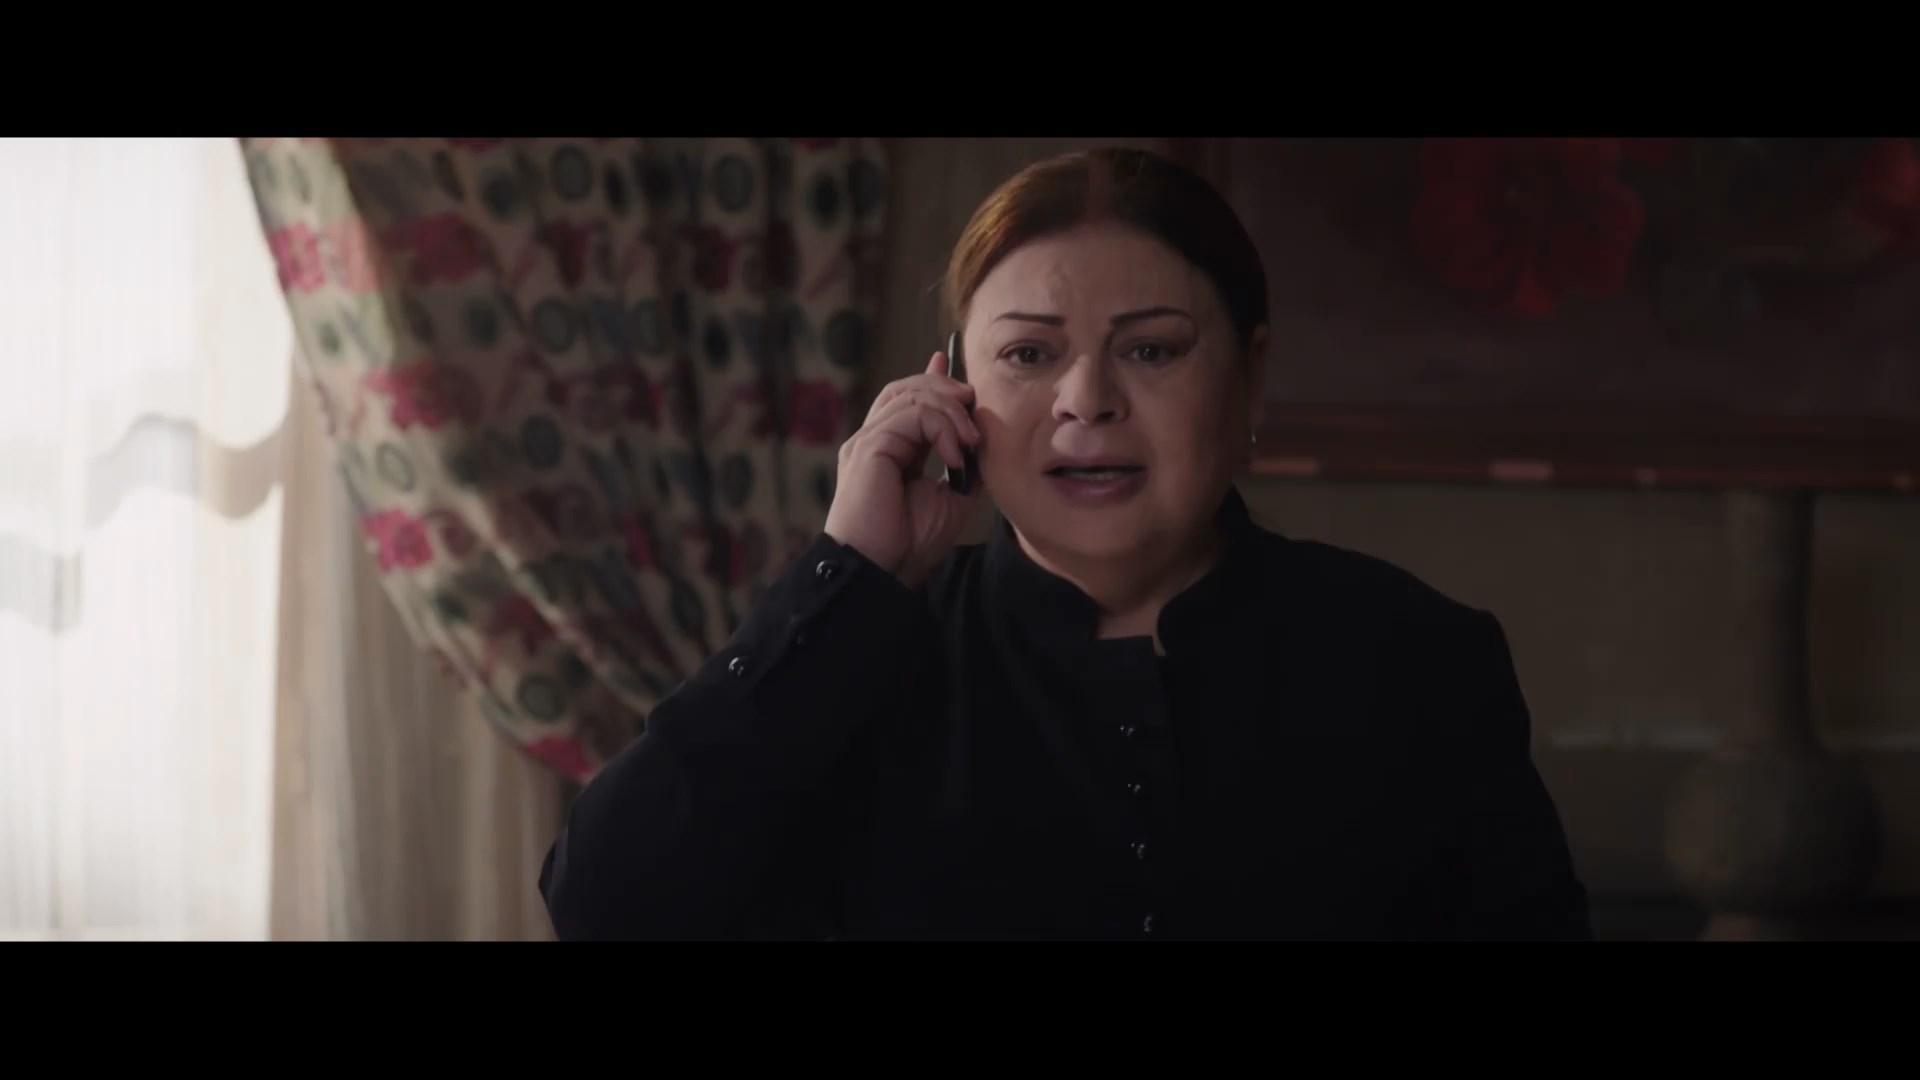 مسلسل قوت القلوب الجزء الثاني الحلقة الثالثة (2020) 1080p تحميل تورنت 4 arabp2p.com